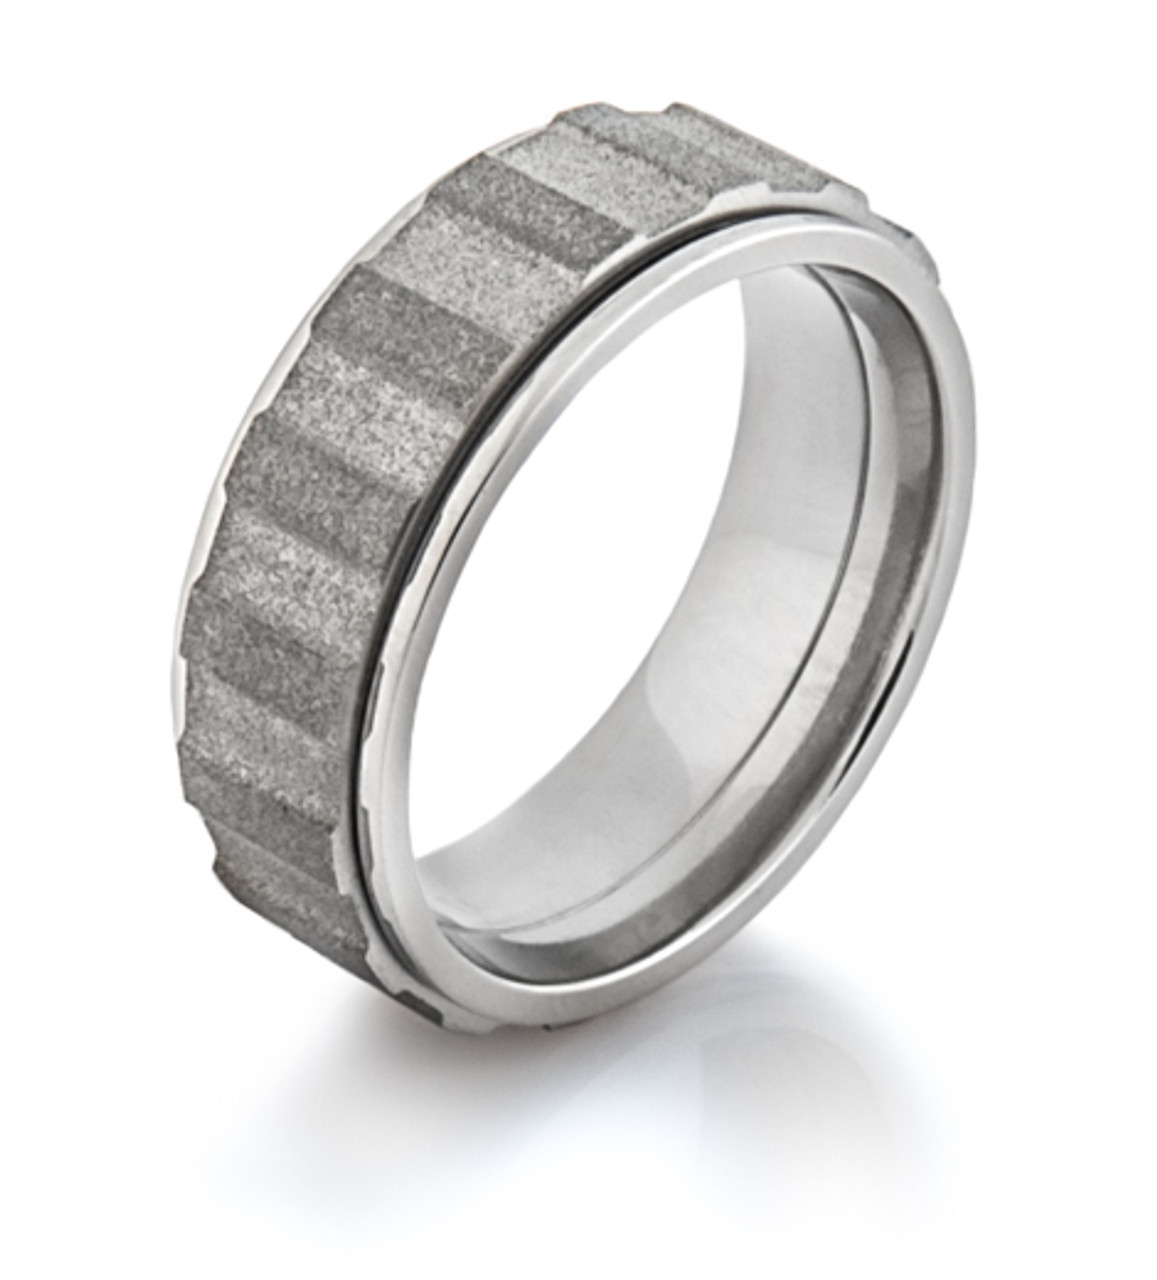 Mens Titanium Spinning Gear Ring